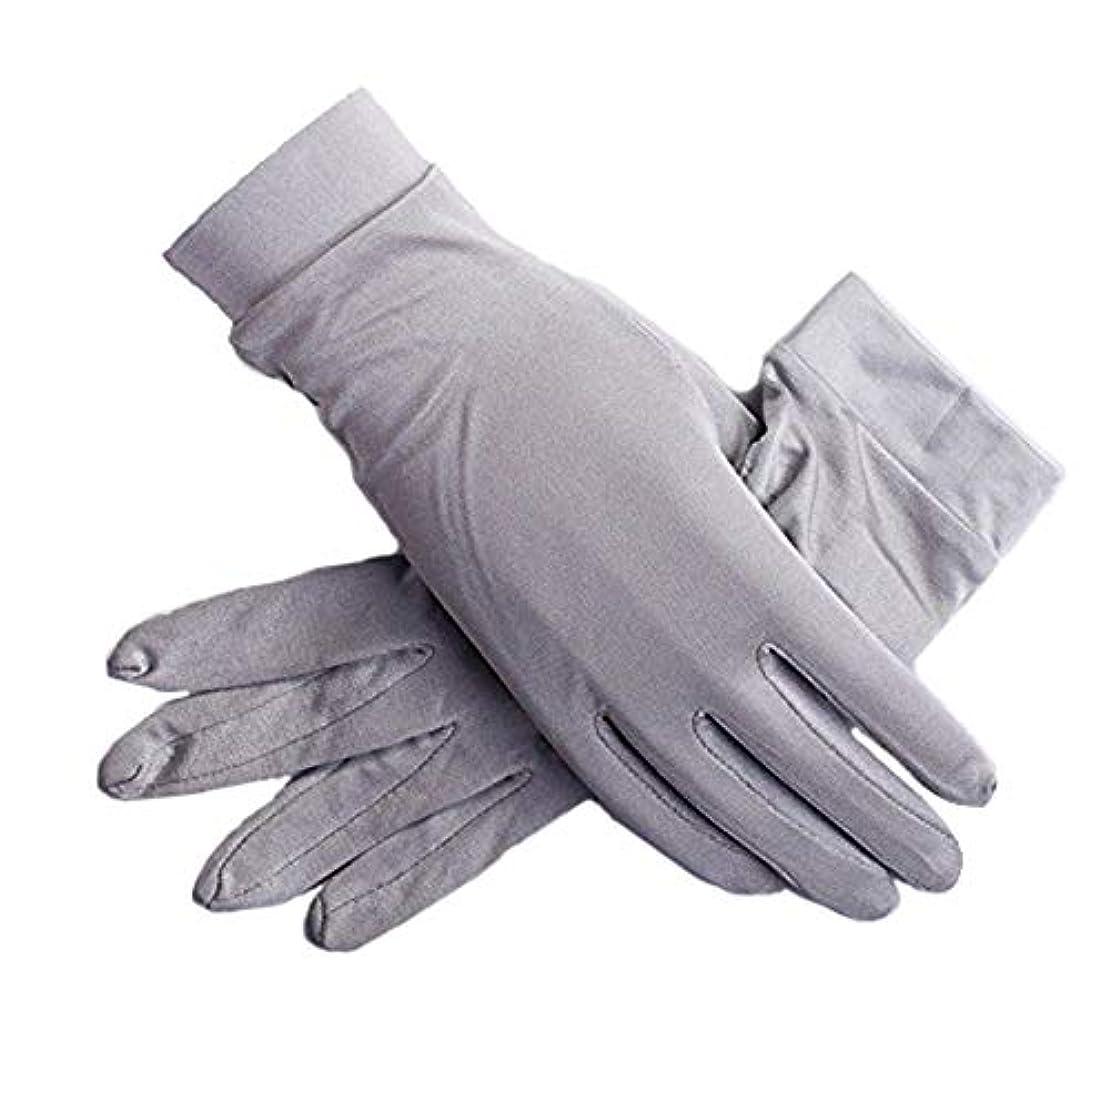 メンズ シルク手袋 手袋 シルク おやすみ 手触り夏 ハンド ケア レディース日焼け防止 が良い 紫外線 保湿